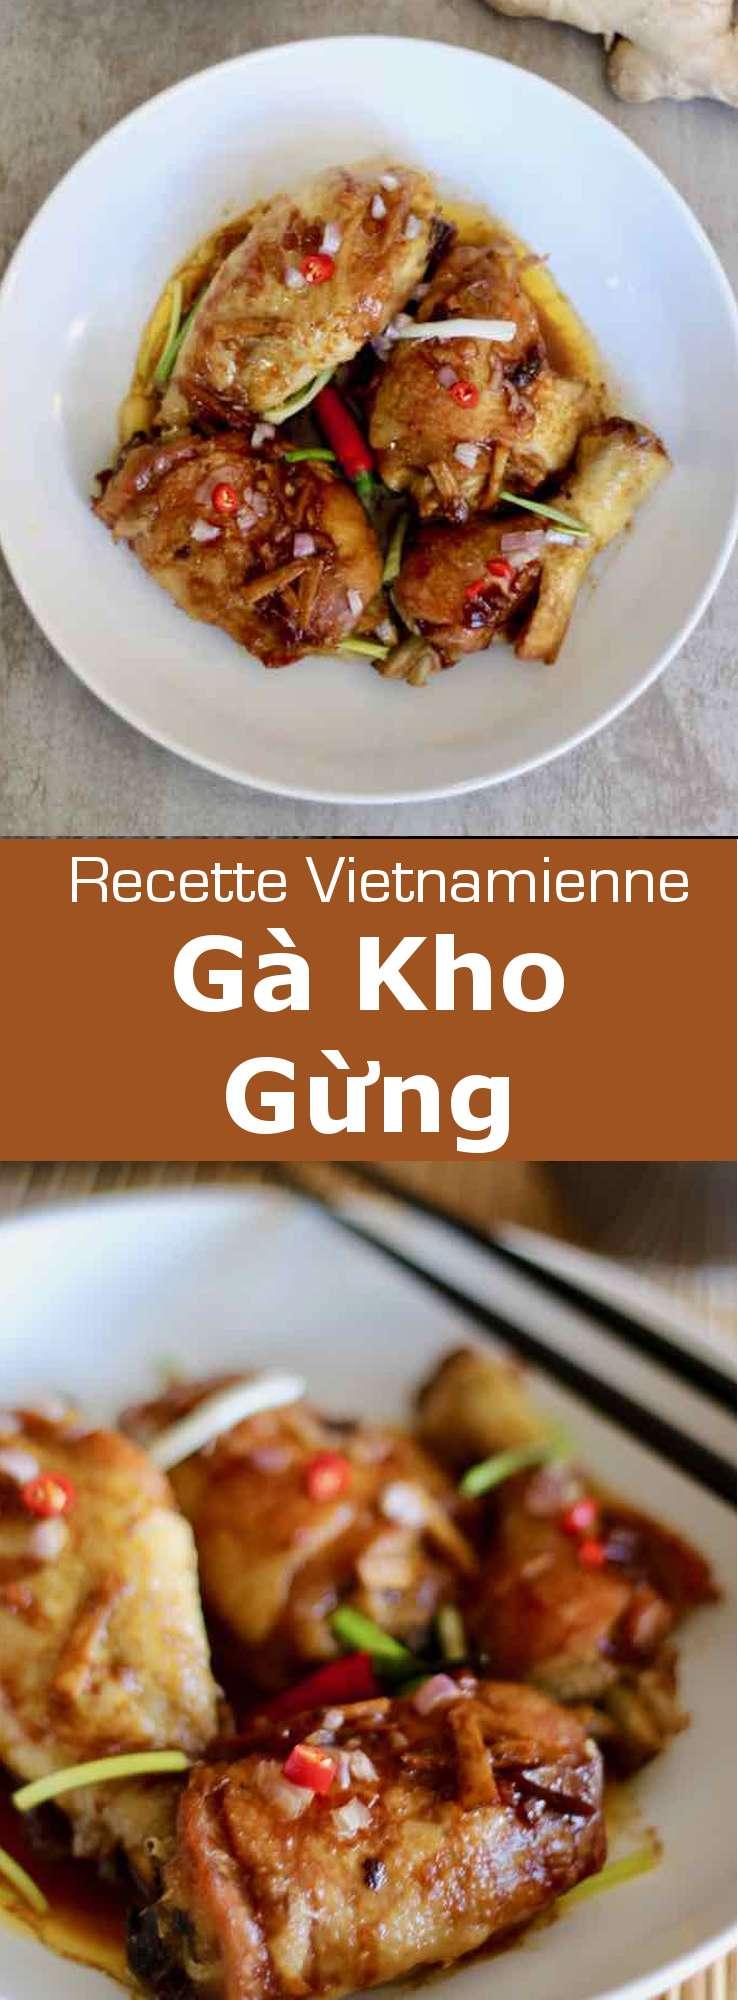 Le gà kho gừngest la version vietnamienne du traditionnel poulet au gigembre asiatique. Il est parfumé à la sauce nuoc mâm. #Vietnam #RecetteVietnamienne #CuisineVietnamienne #CuisineAsiatique #RecetteAsiatique #CuisineDuMonde #196flavors